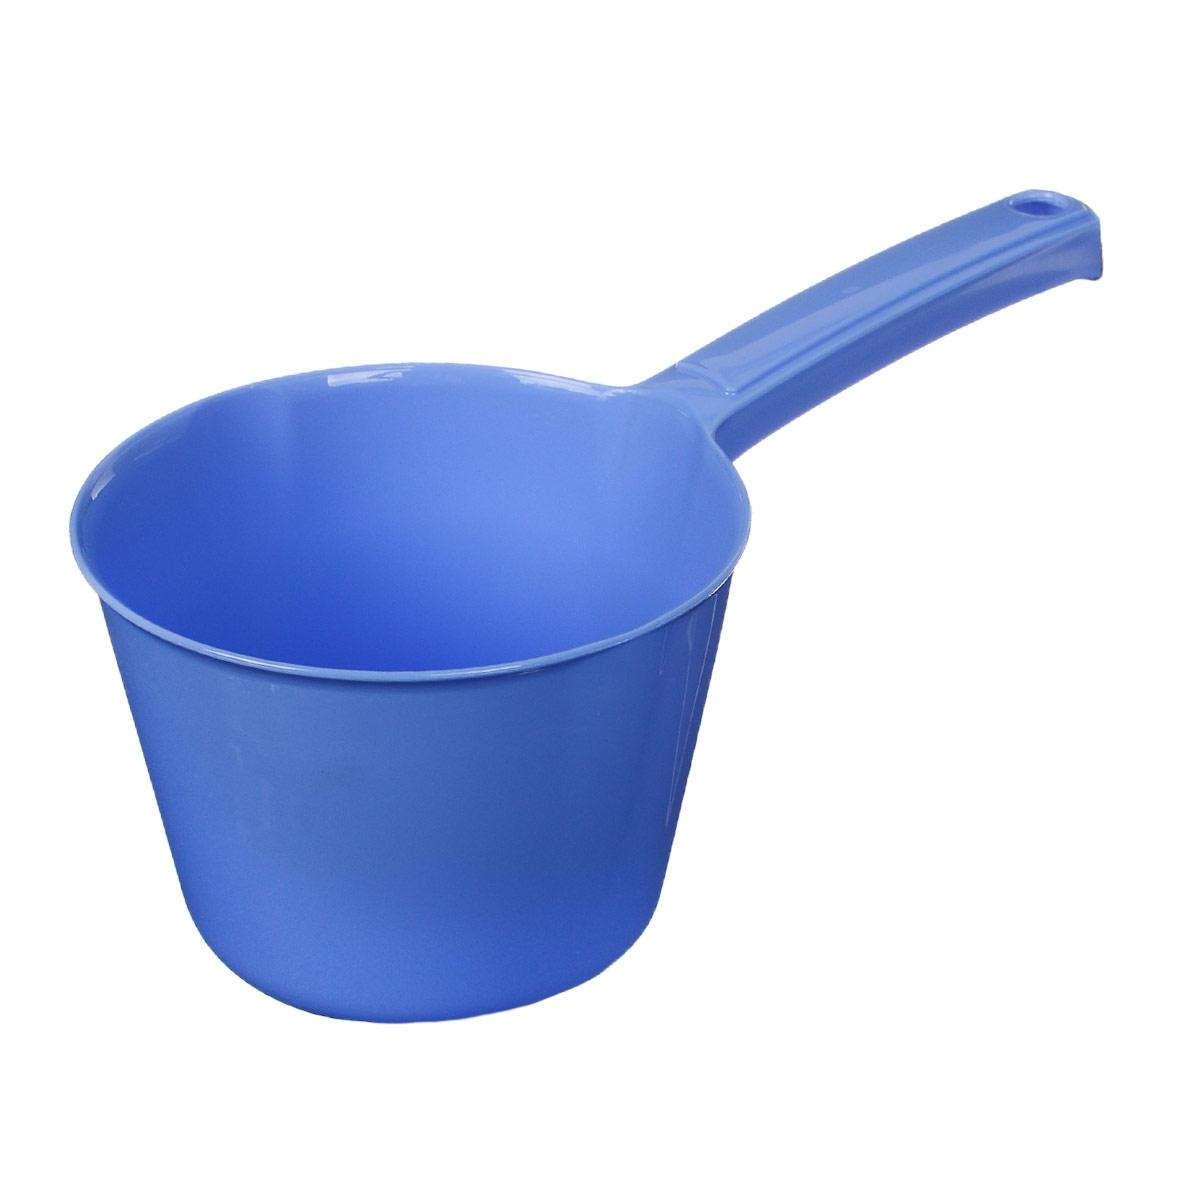 Ковш Idea, цвет: голубой, 1 лМ 1215 голубойКовш Idea изготовлен из высококачественного цветного пластика. Изделие используется для моечных и обливных процедур, для черпания и переливания воды и других жидкостей. Ковш оснащен удобной эргономичной ручкой с петелькой для подвешивания на крючок. Размер ковша (без учета ручки): 13,5 см х 13,5 см х 10,5 см. Длина ручки: 12 см.